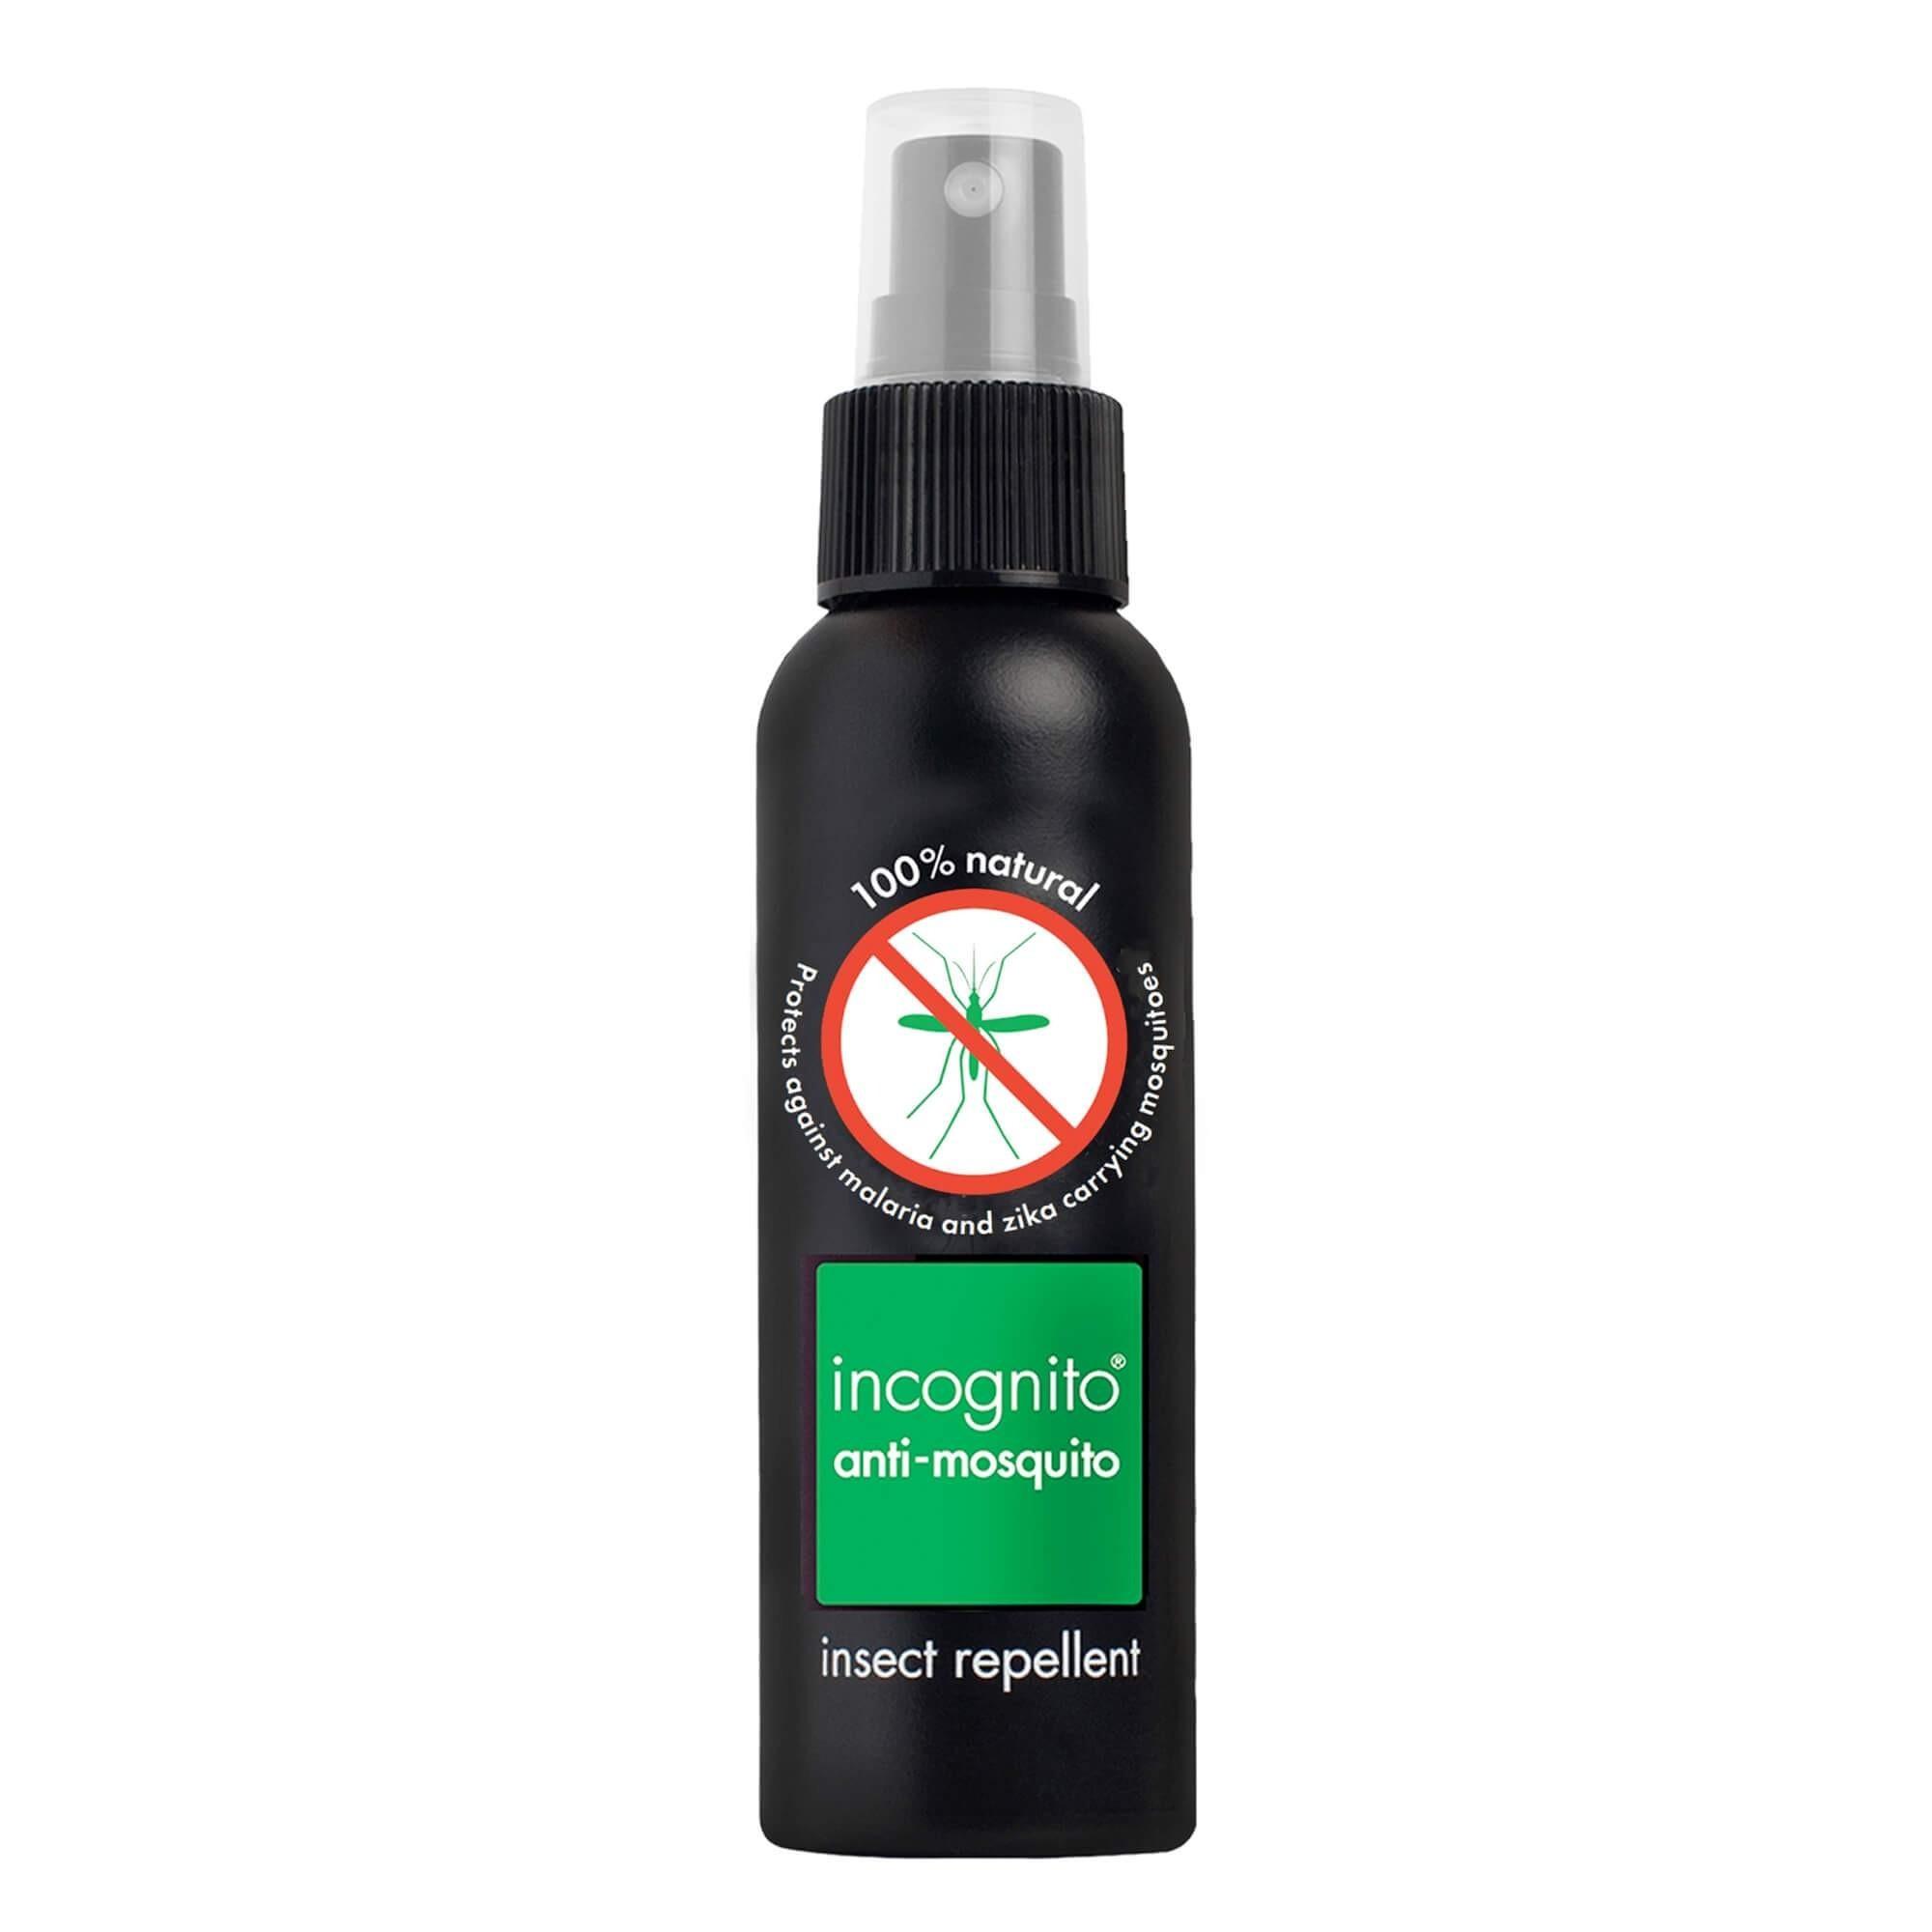 Incognito Anti-Mosquito Insect Repellent - 100ml Spray